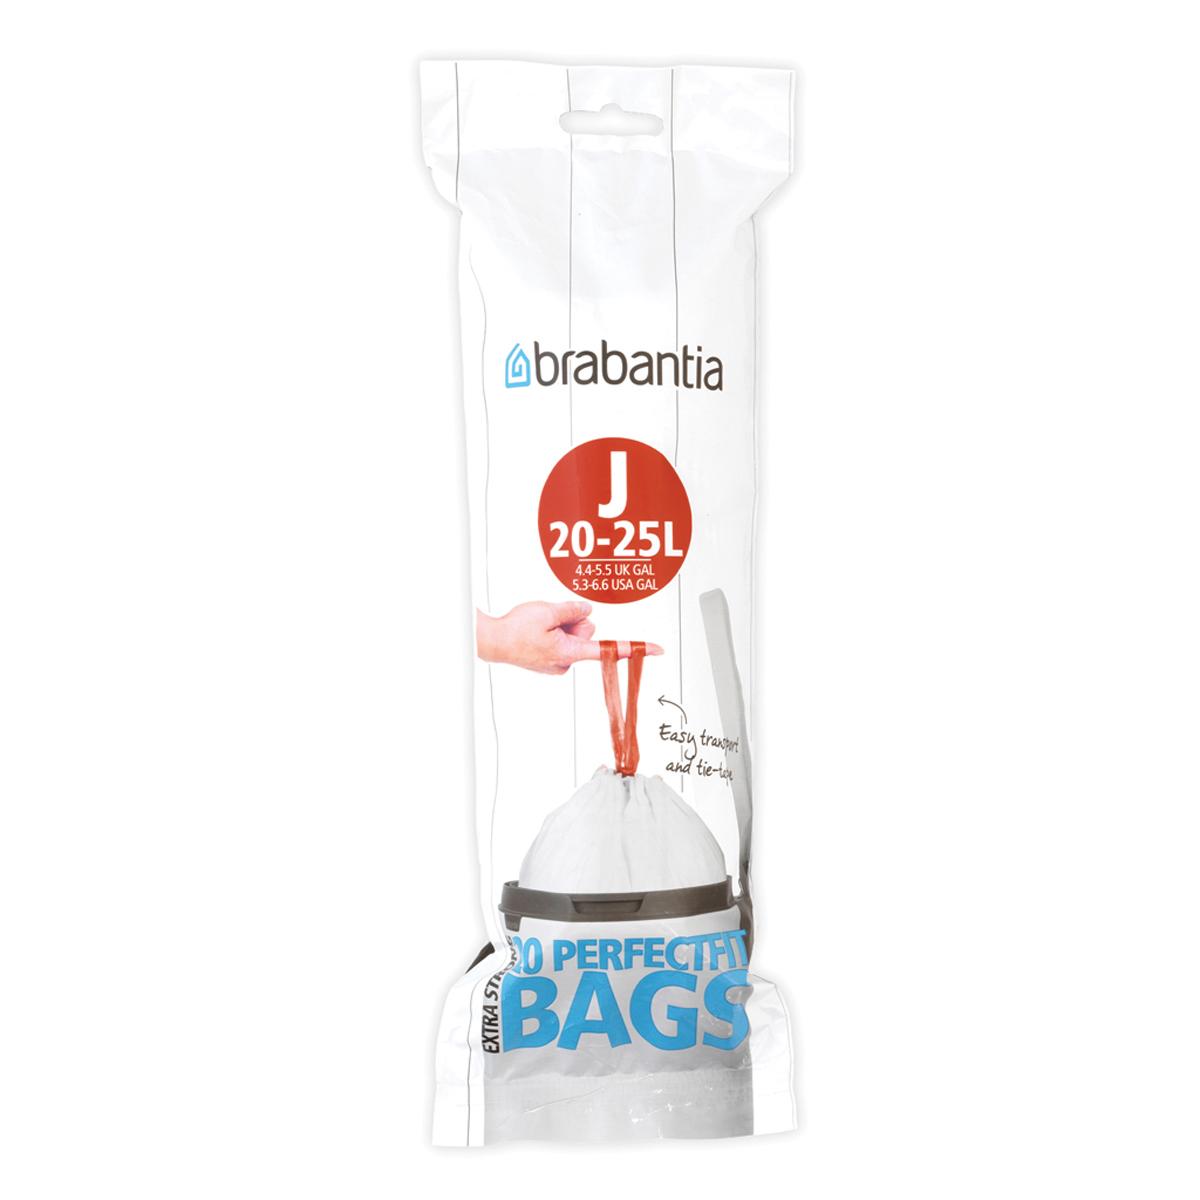 Мешки для мусора Brabantia J, цвет: белый, 23 л, 20 шт115585Удобно и быстро вкладываются и достаются из бака. Эстетичный вид – идеально подходят по размеру к мусорным бакам Brabantia, мешок не выступает наружу. Уникальная цветовая маркировка позволяет выбрать мешки нужного размера. Вентиляционные отверстия для удобства вкладывания в бак. Изготовлены из особо прочного полиэтилена (HDPE). Легко затягиваются и переносятся – специальная лента для стягивания горловины. Упаковка: 20 мешков в рулоне.